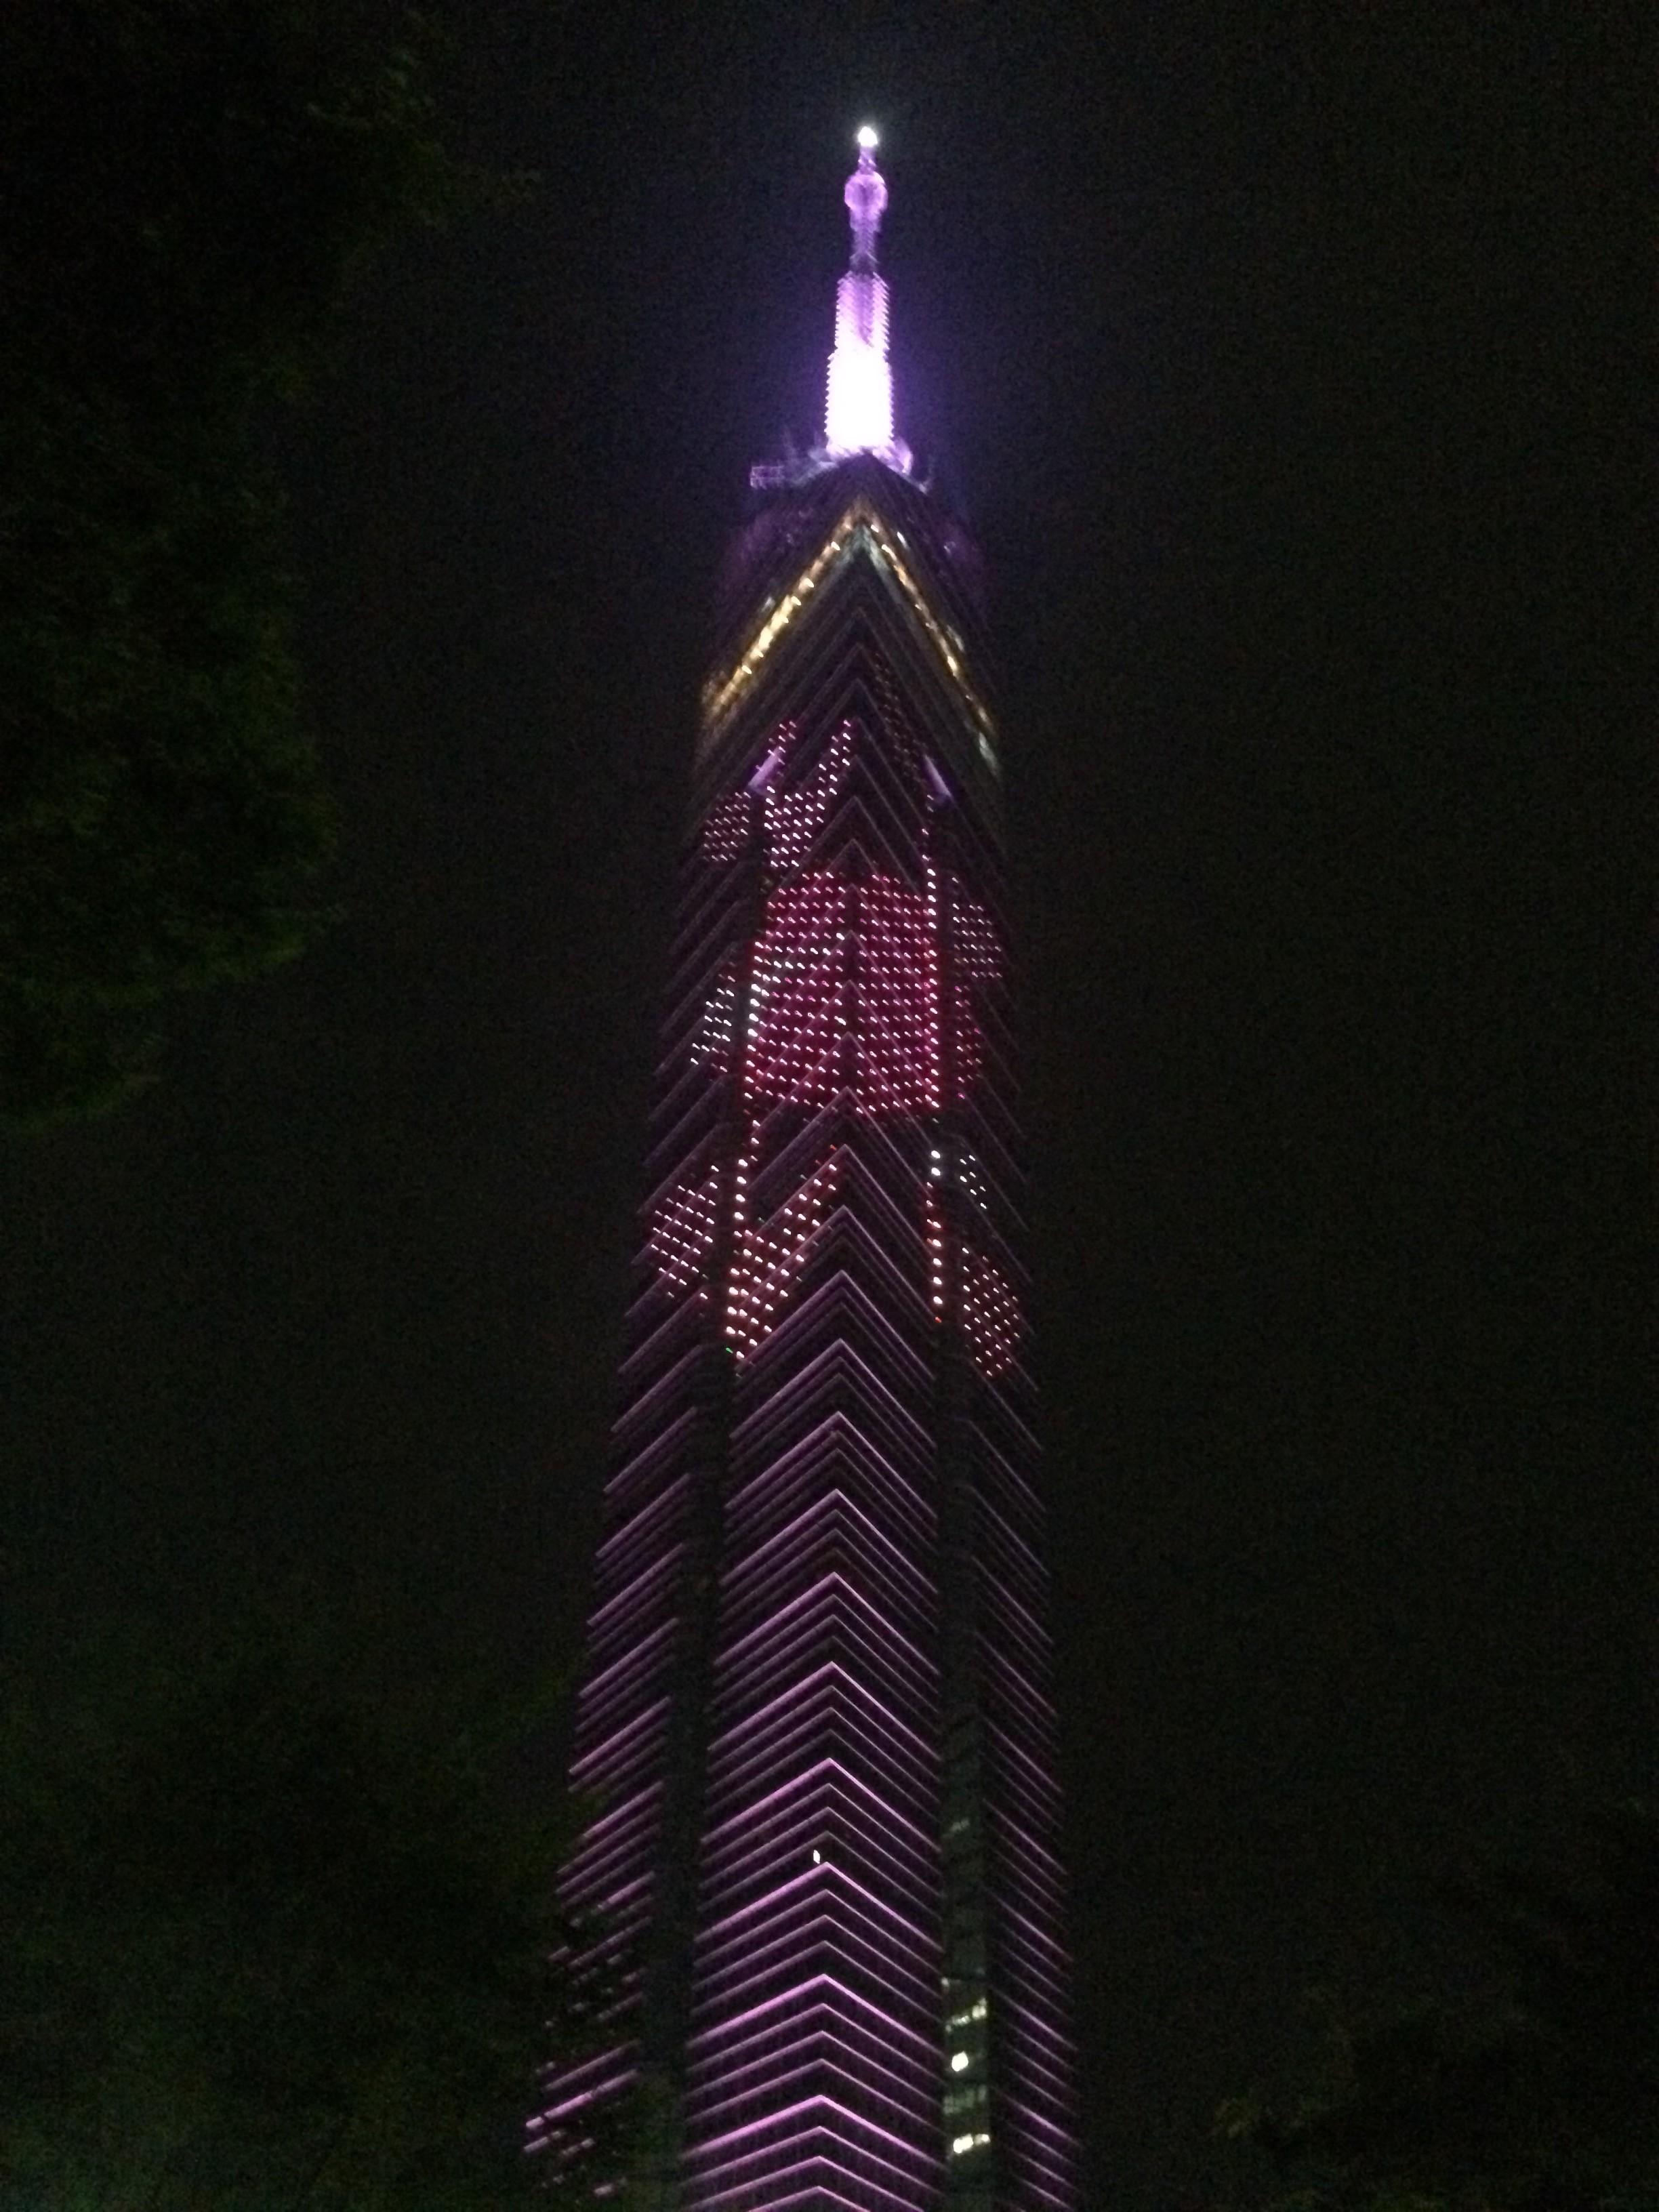 福岡タワー七夕イベント☆彡